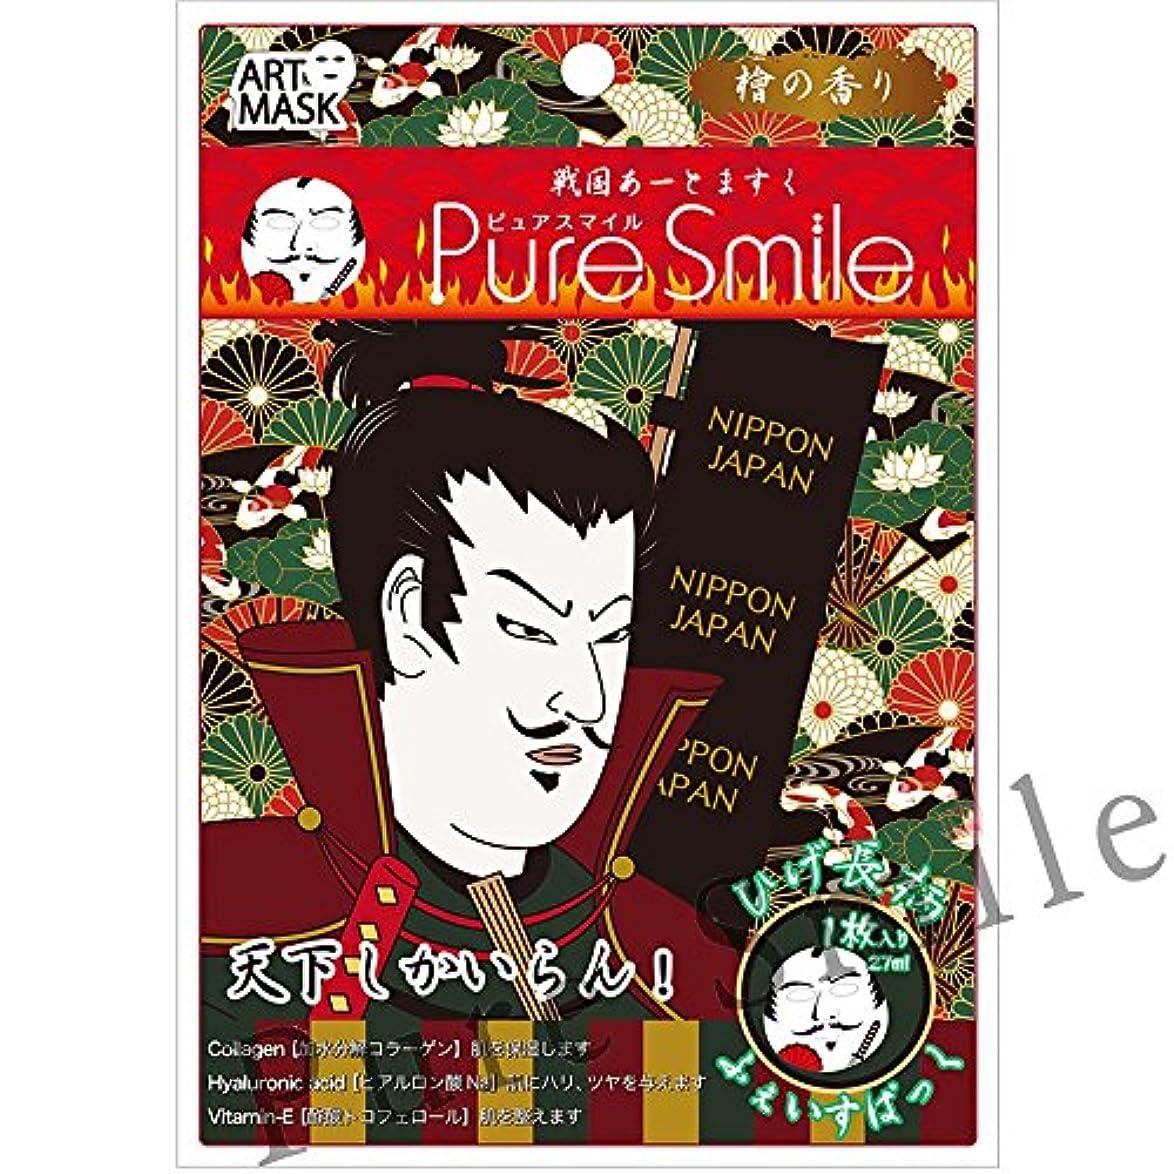 冒険家不足小説家Pure Smile(ピュアスマイル) フェイスマスク/アートマスク『戦国アートマスク』(ひげ長/檜の香り)